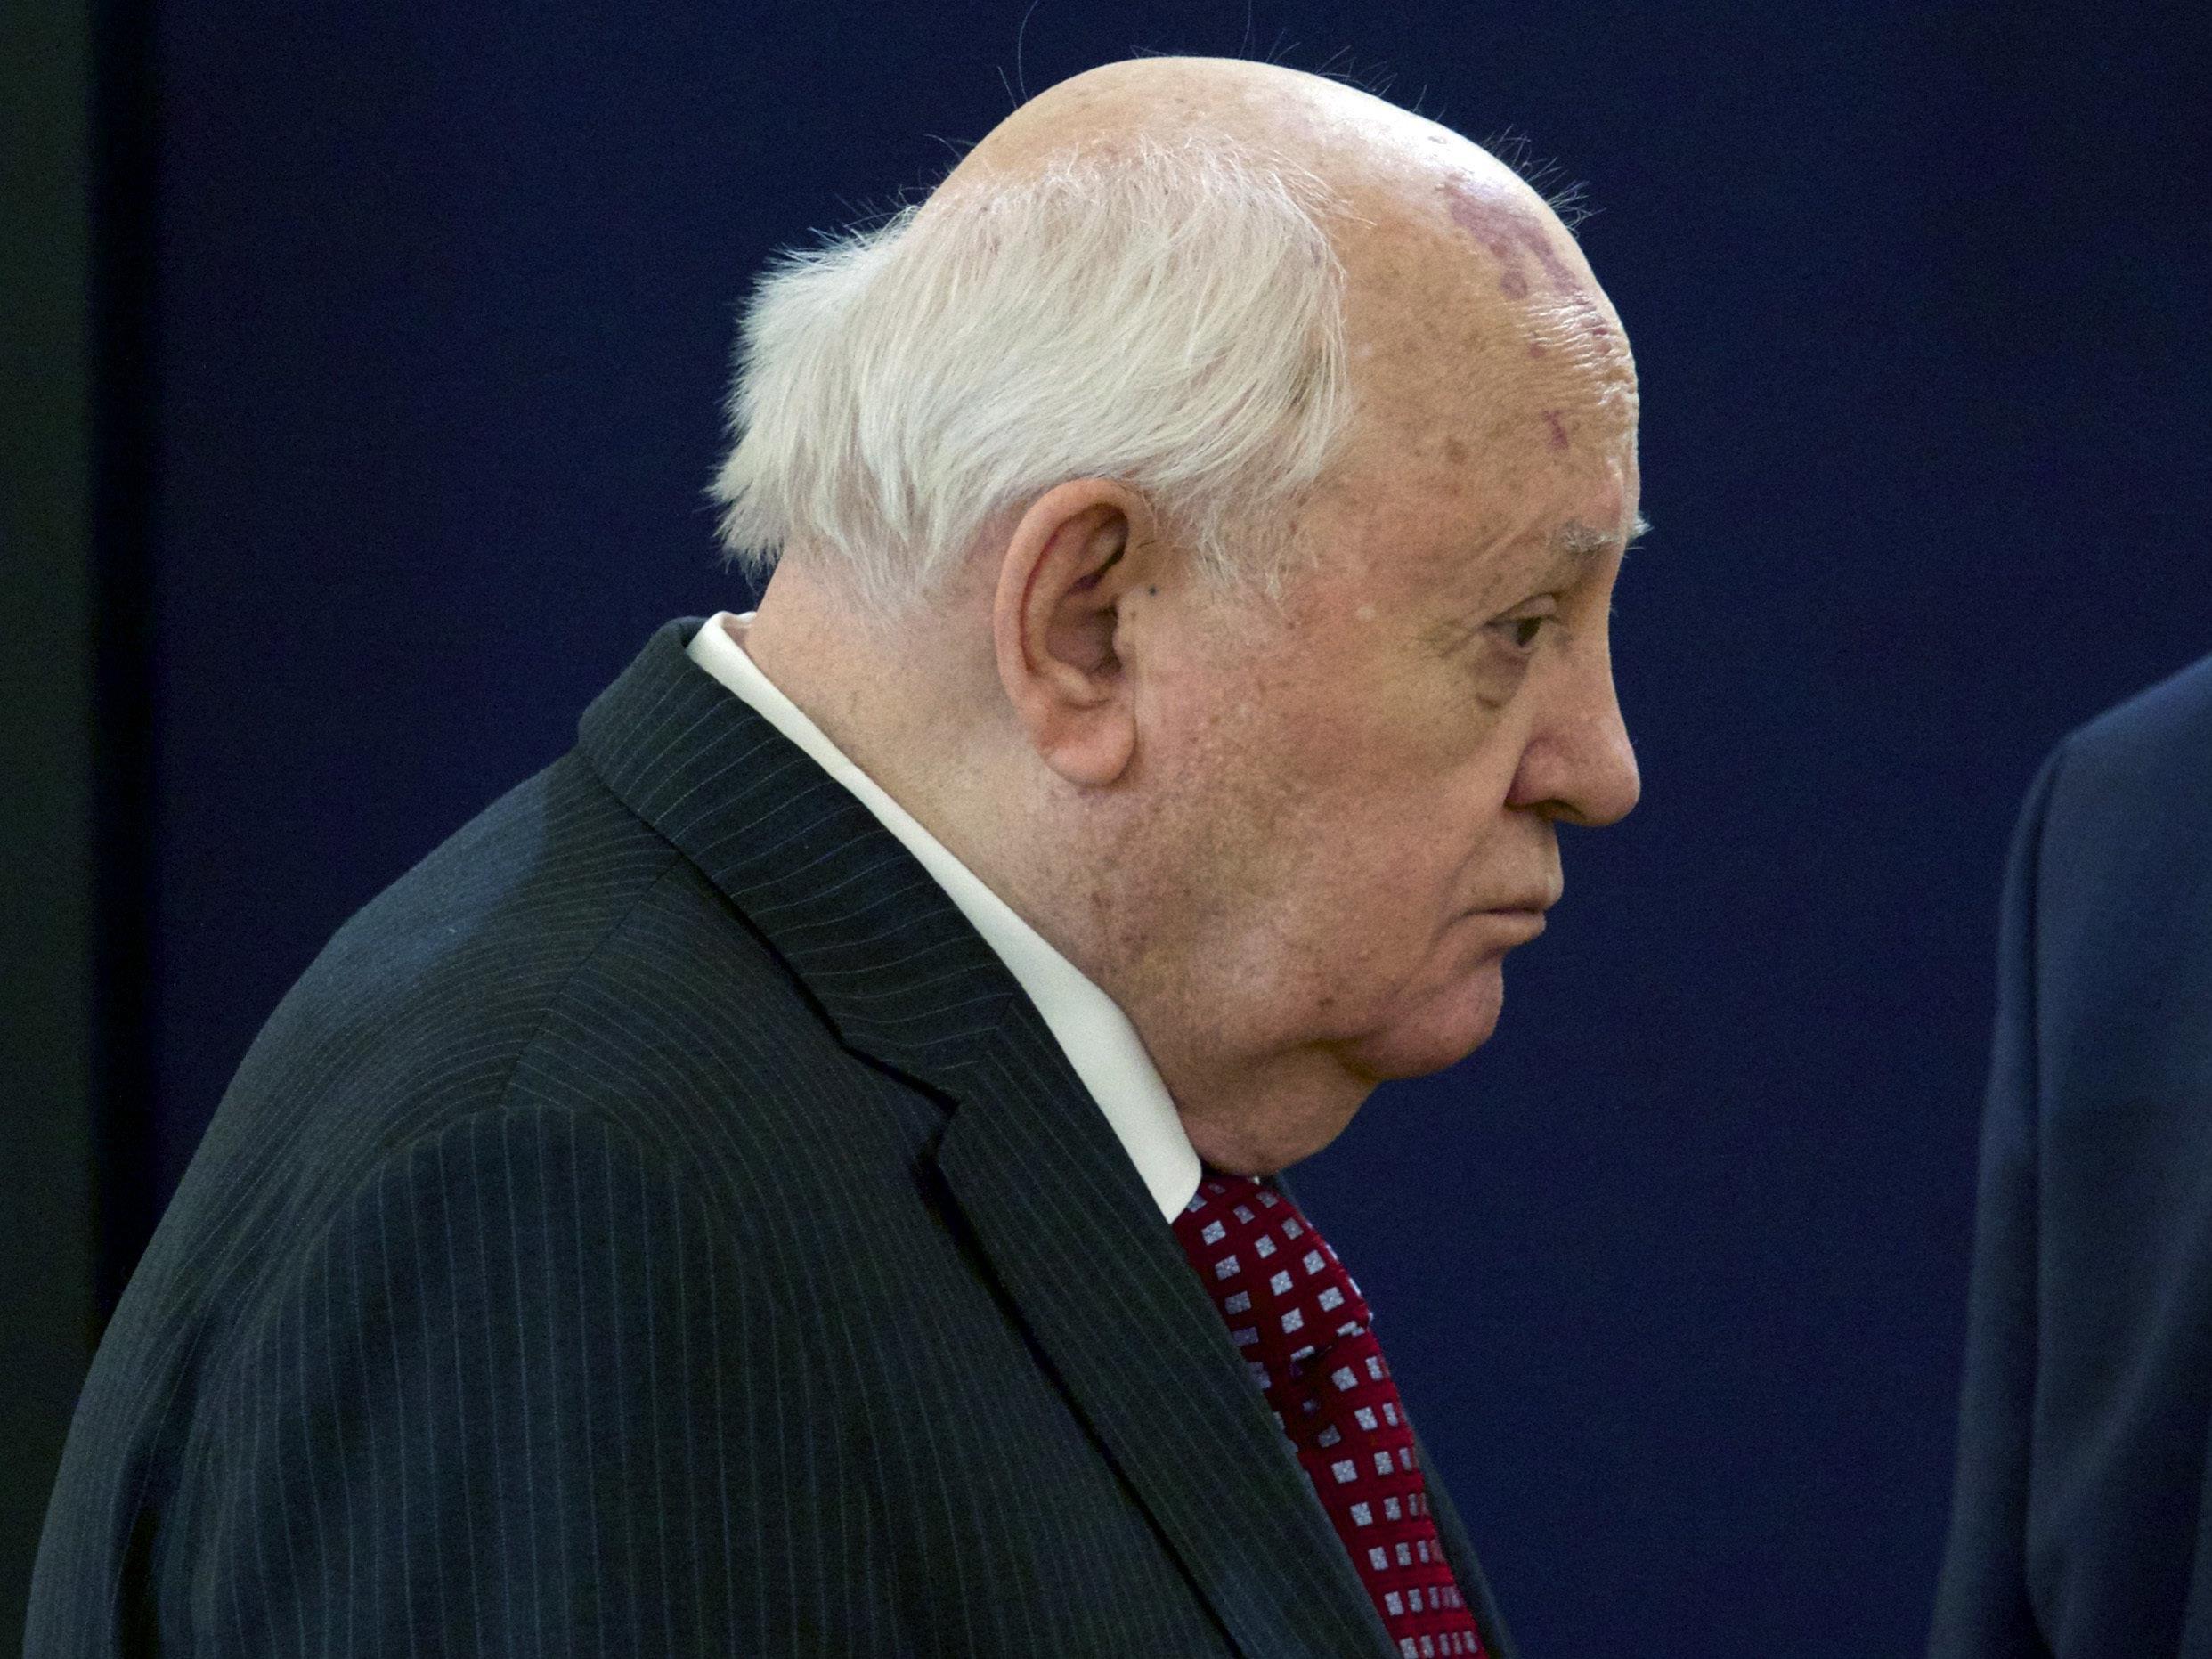 Der russische Friedensnobelpreisträger Michail Gorbatschow hat der NATO Kriegstreiberei vorgeworfen.